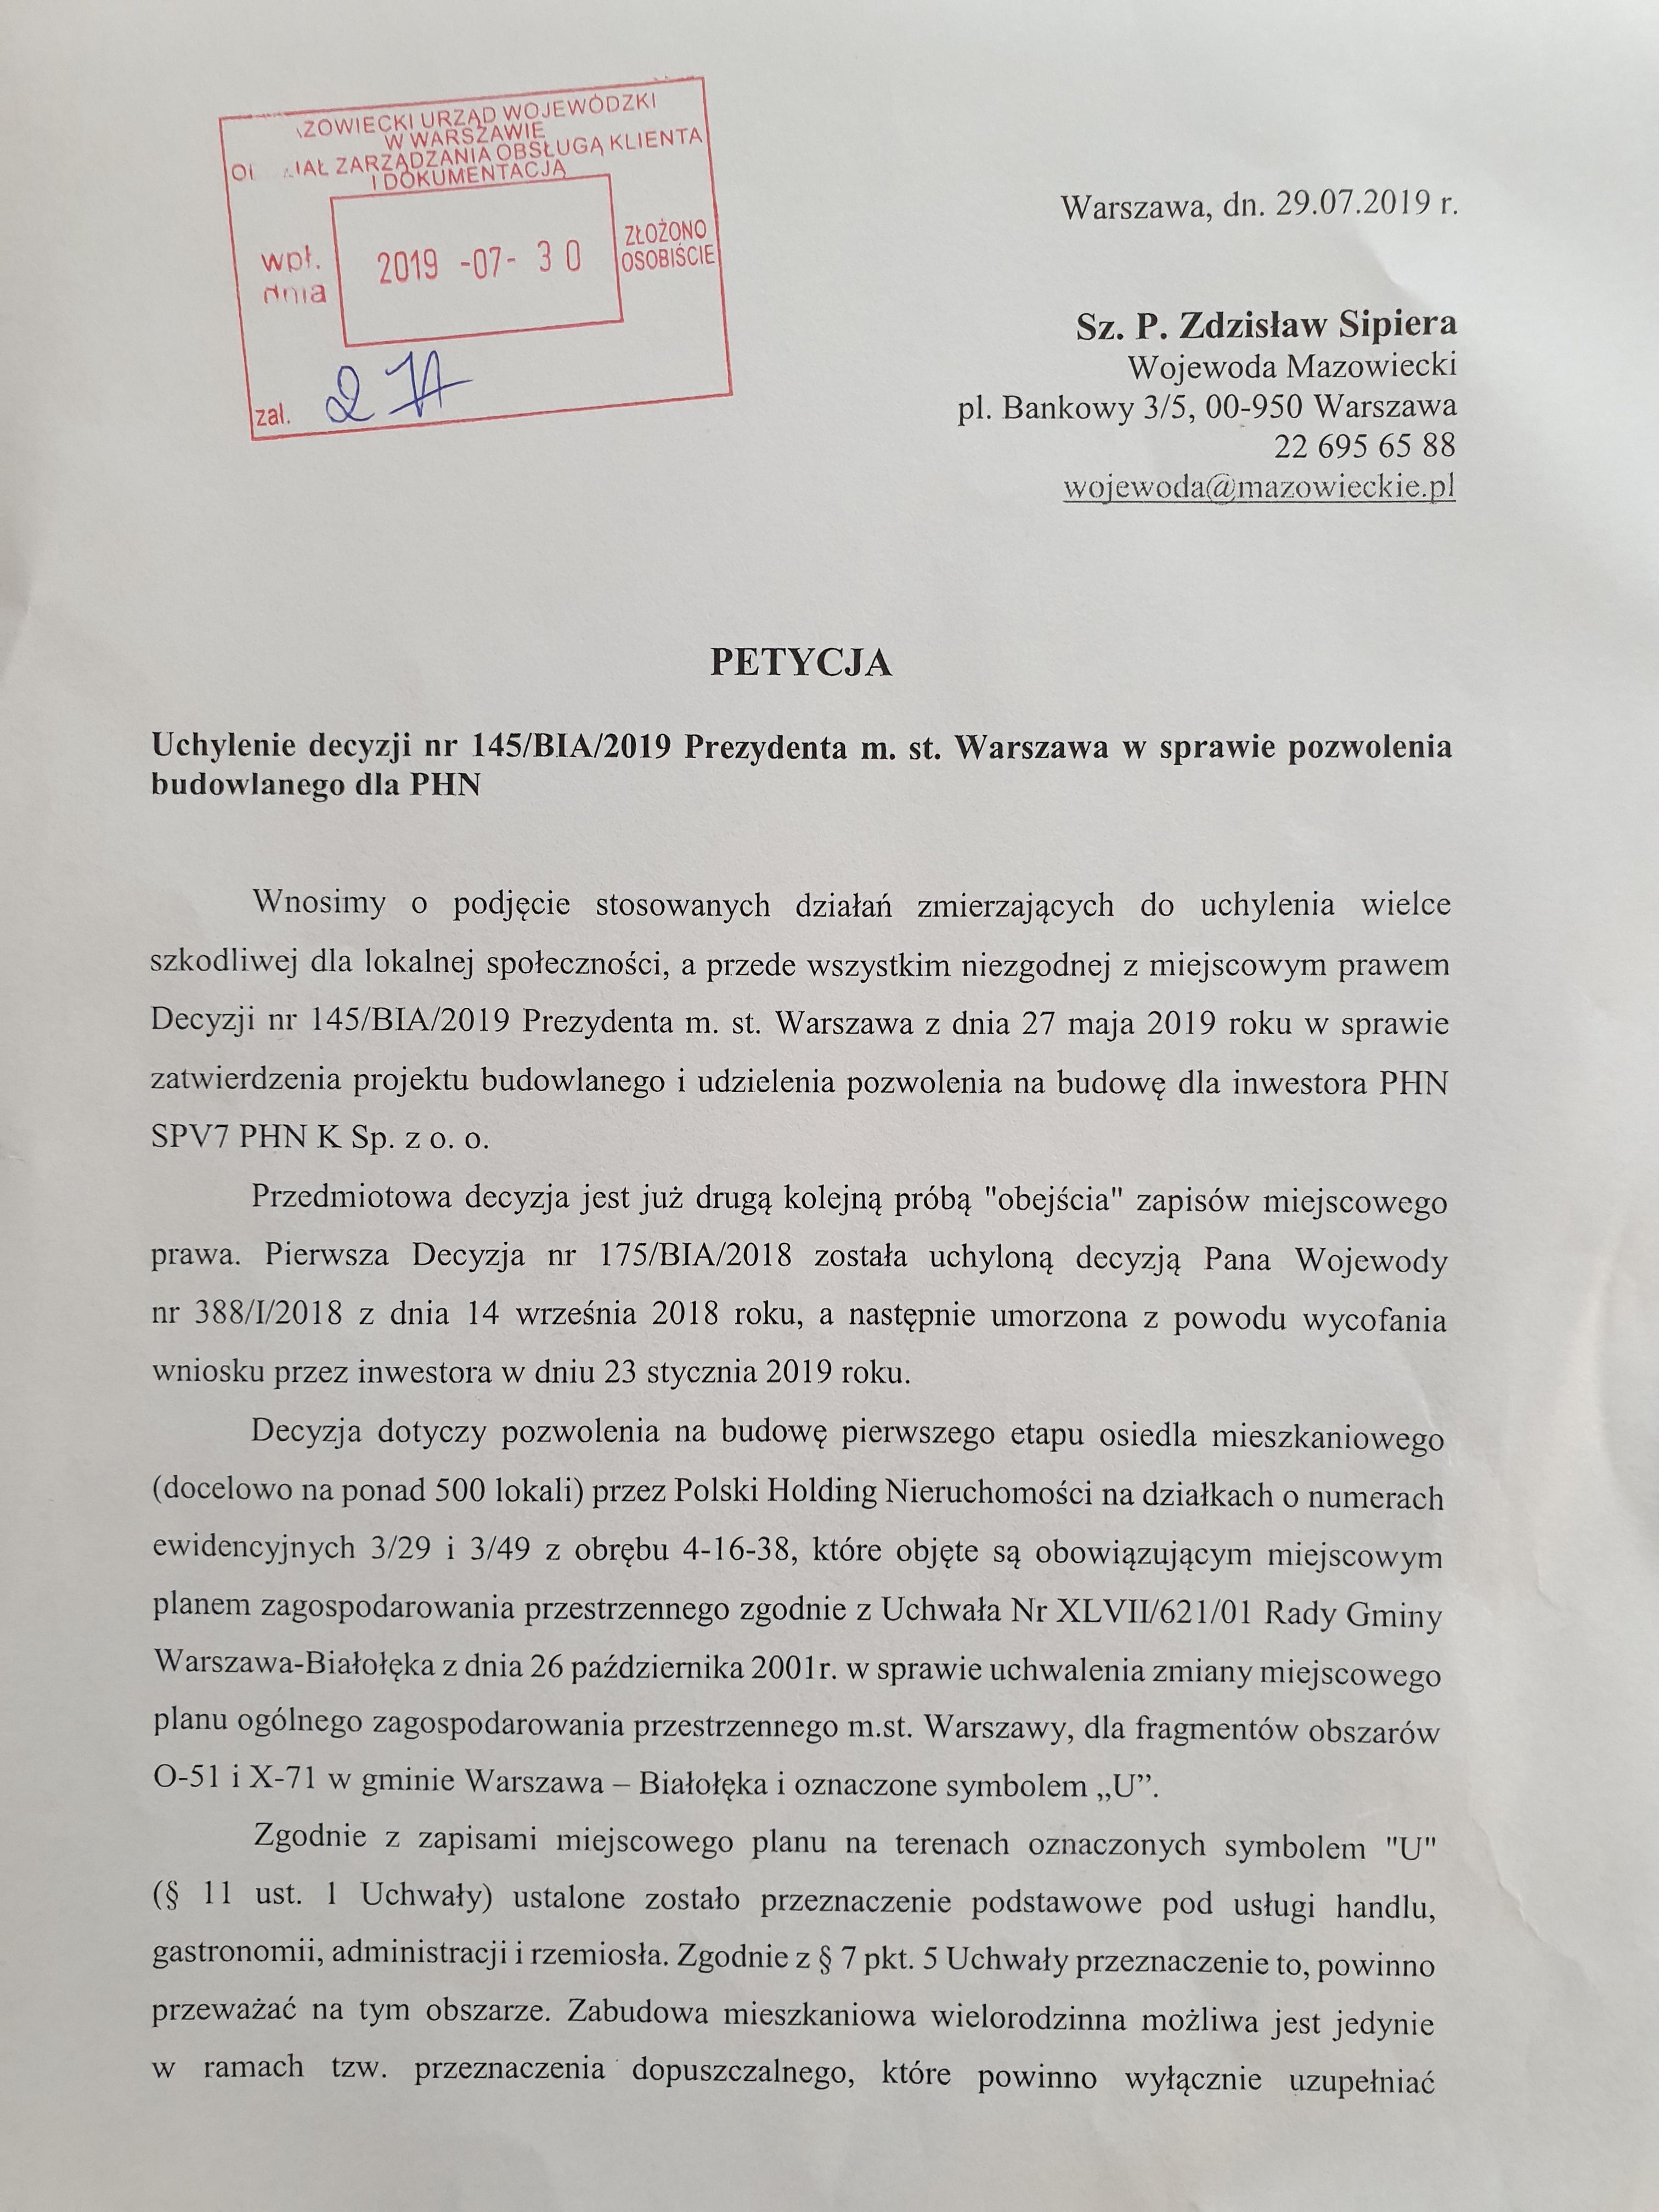 Petycja_zoeniejpg